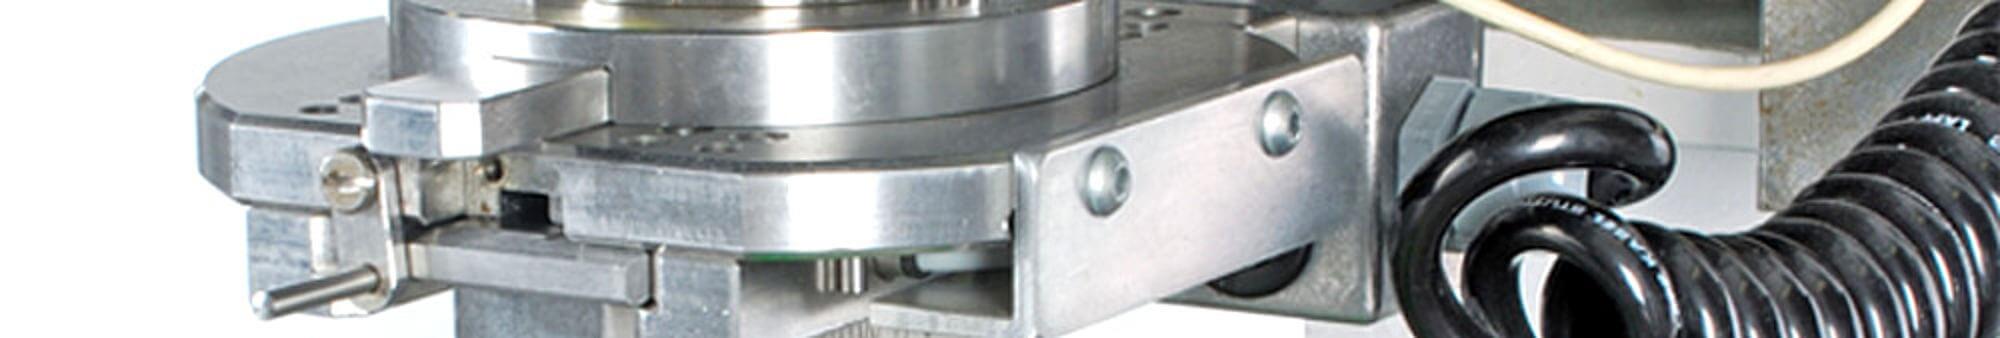 Titelbild Verarbeitungsmaschinen werkzeuge 2000px Breite.jpg